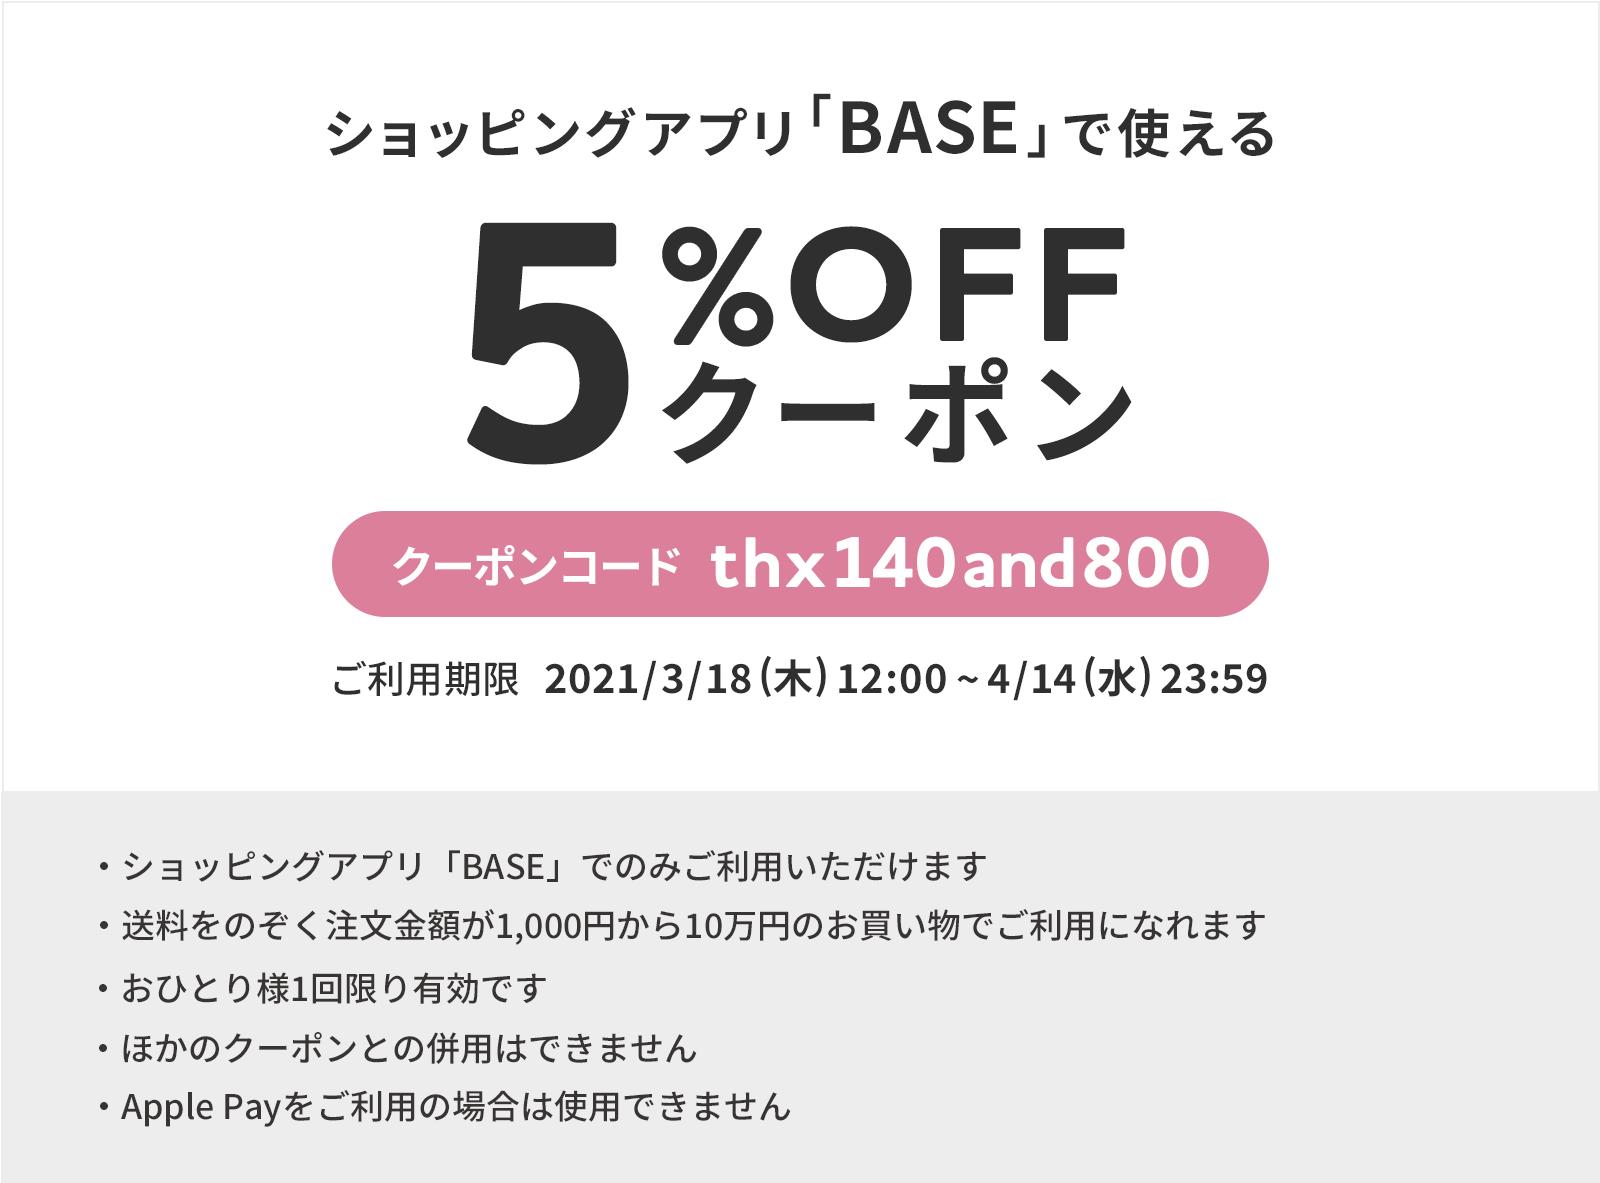 【2021/3/18~4/14 期間限定!】5%OFFクーポンをプレゼント!!